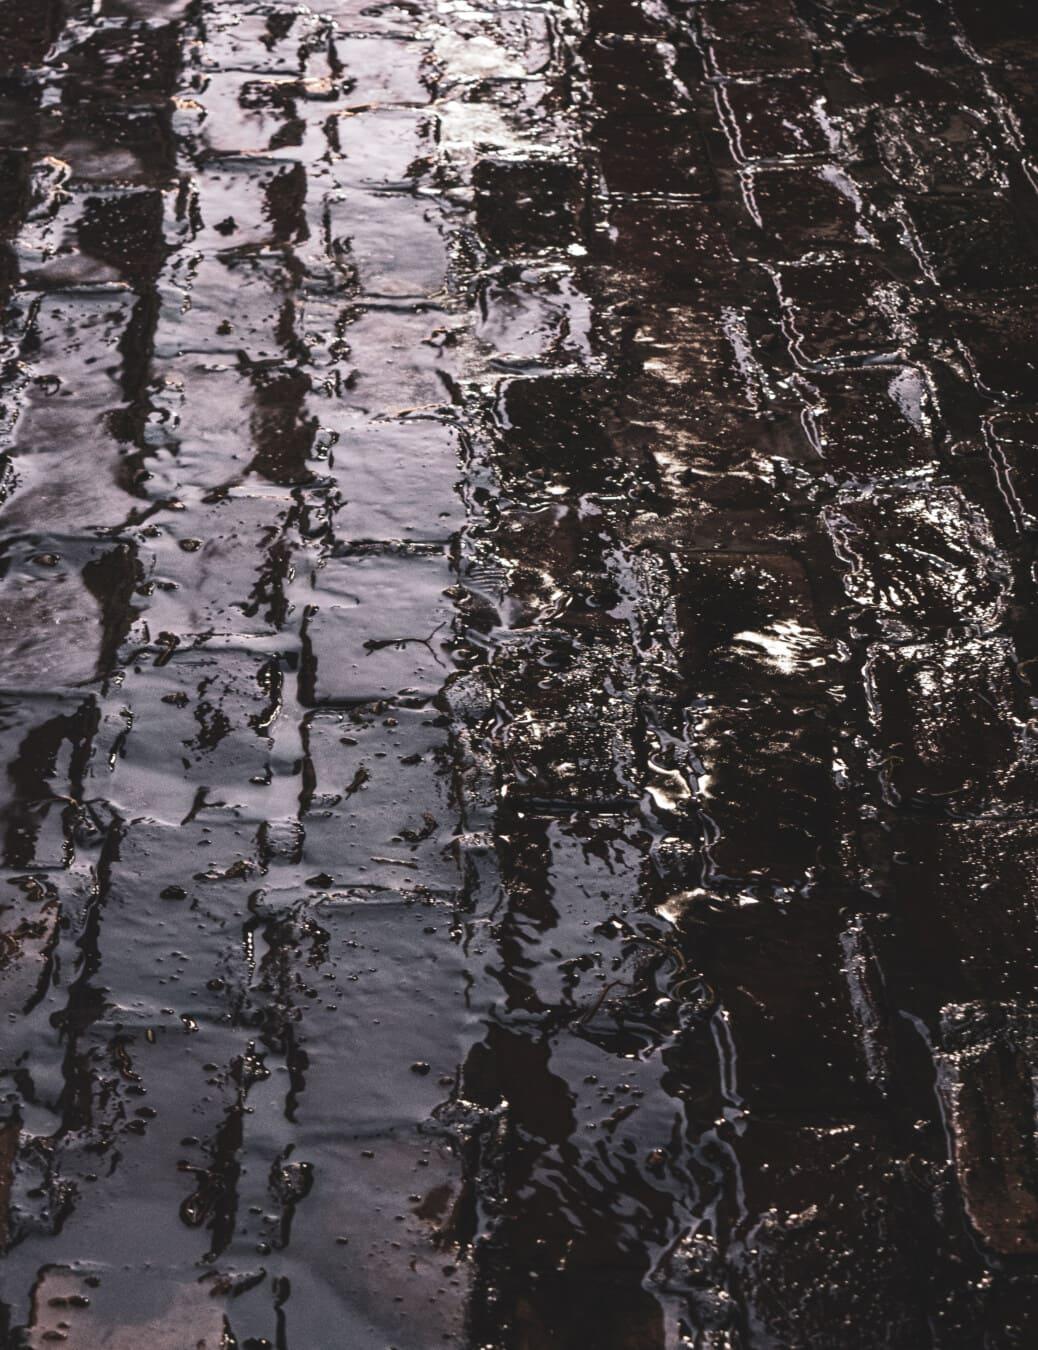 nuit, eau, pluie, liquide, ombre, Itinéraire, sale, texture, sol, modèle